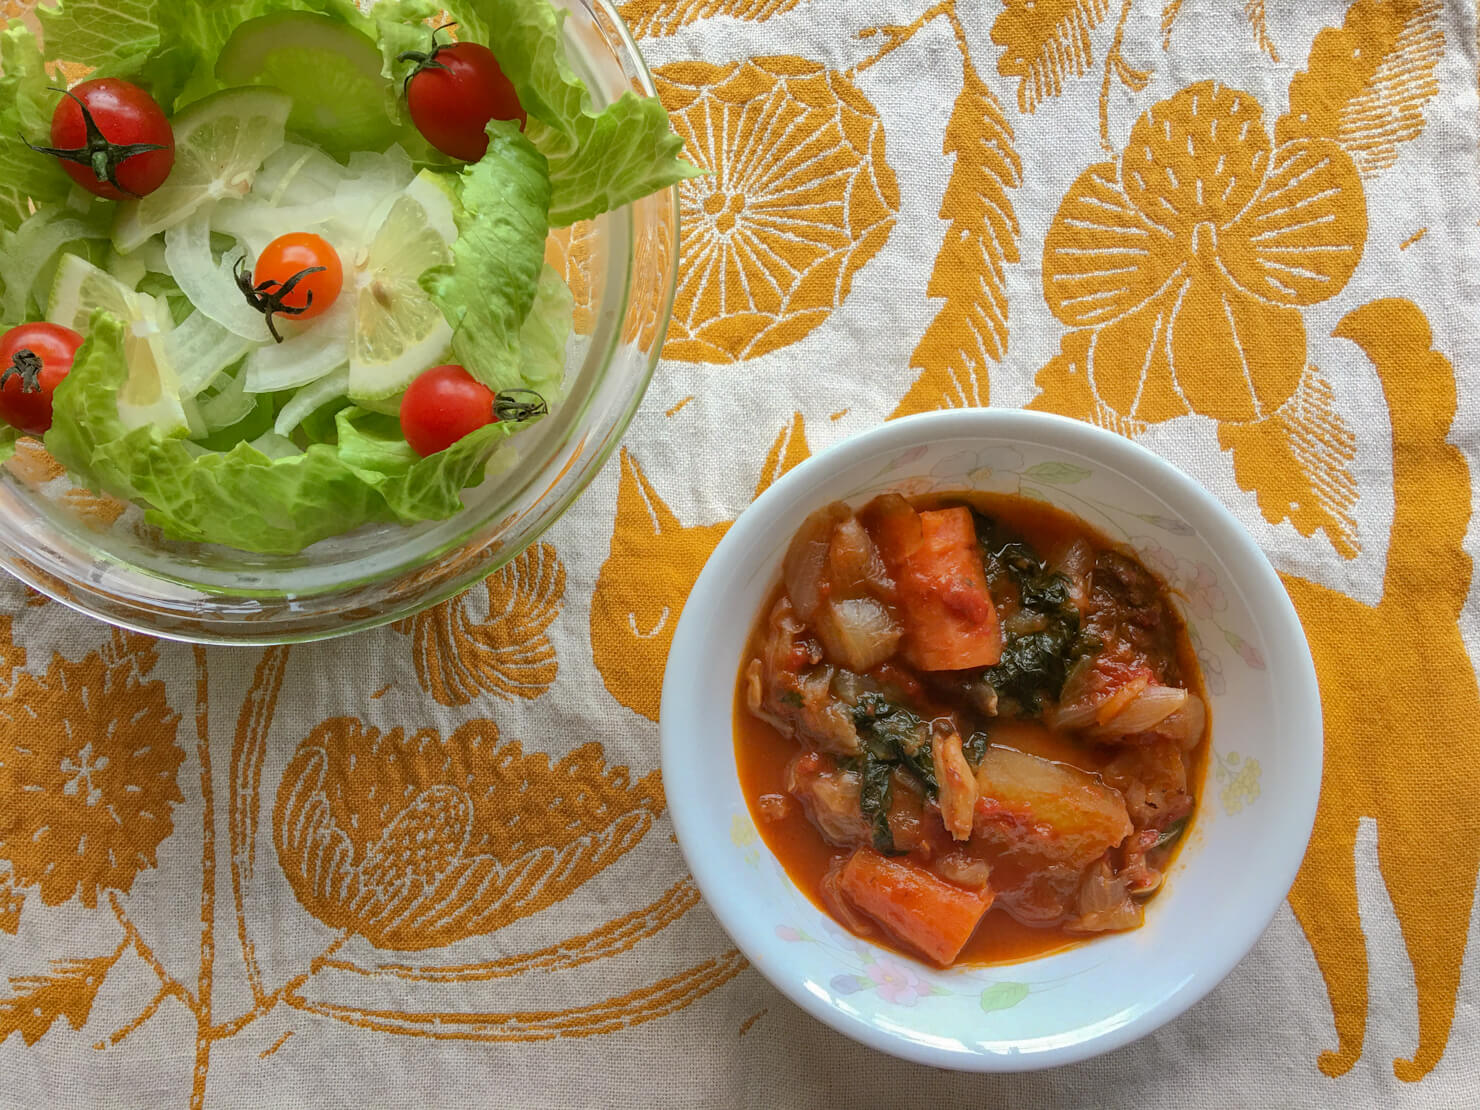 牛スネ肉とカーボロネロのトマト煮込みの写真